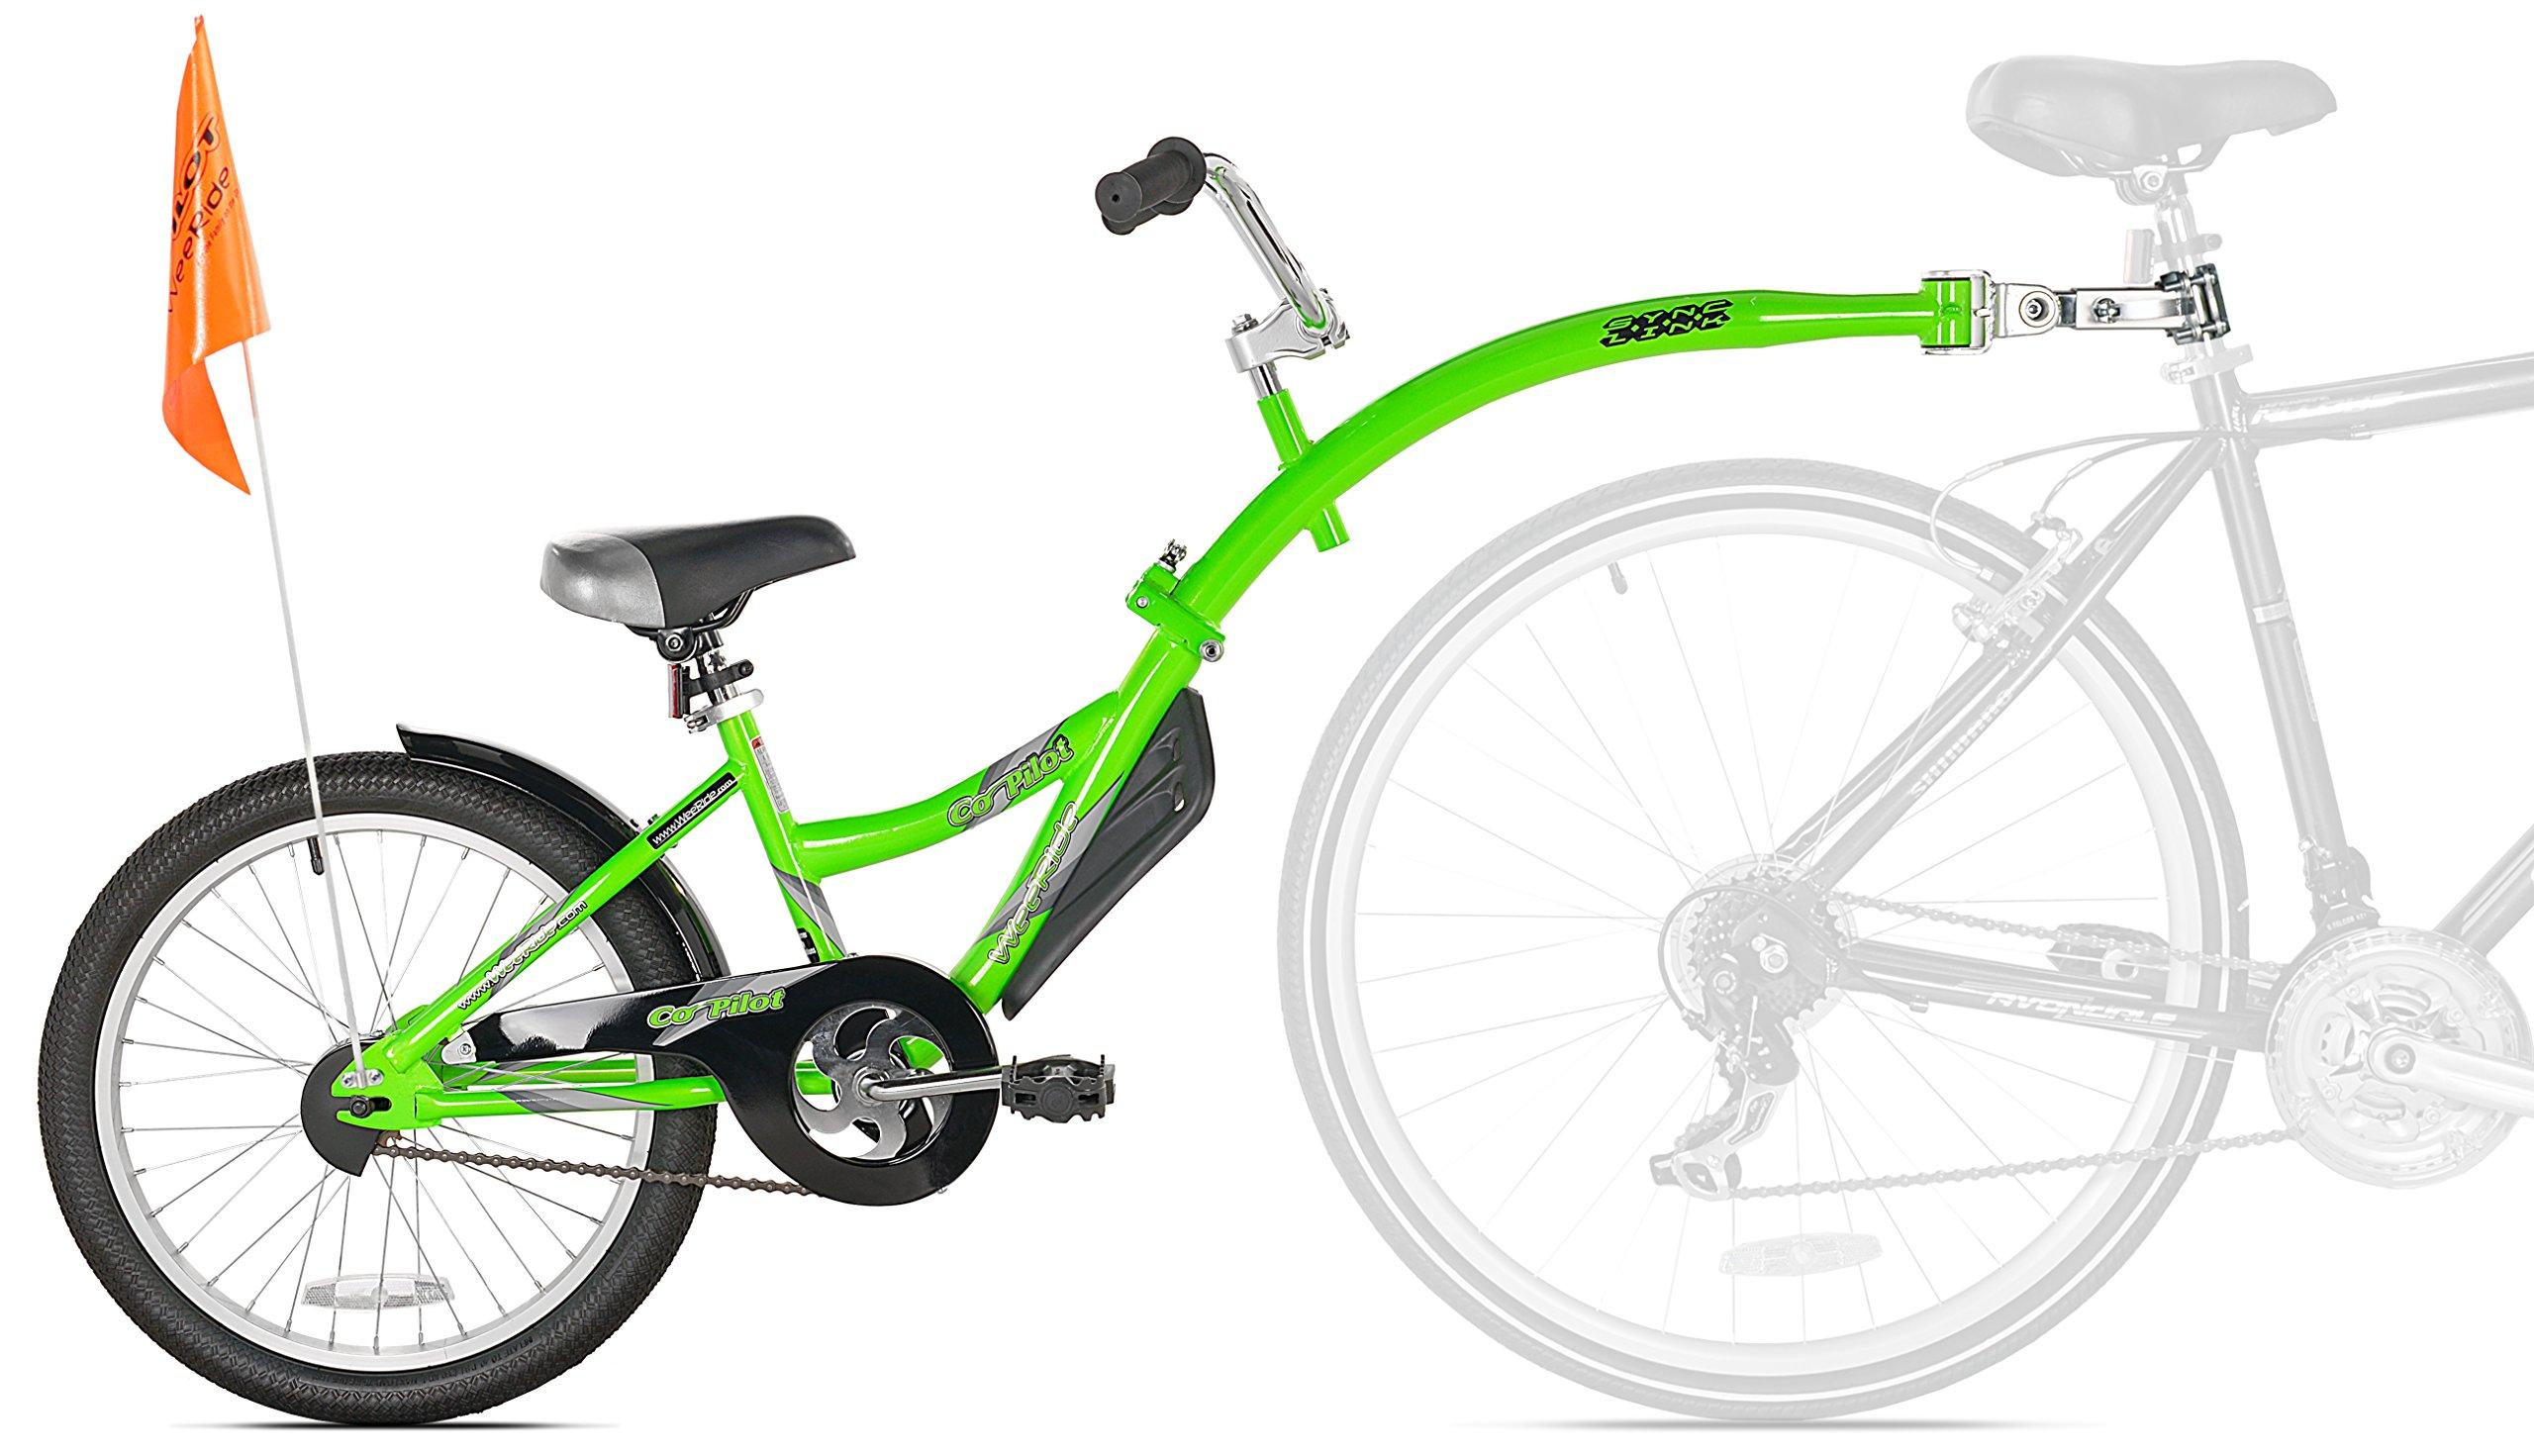 WeeRide 36457 Co-Pilot Bike Trailer, Green by WeeRide